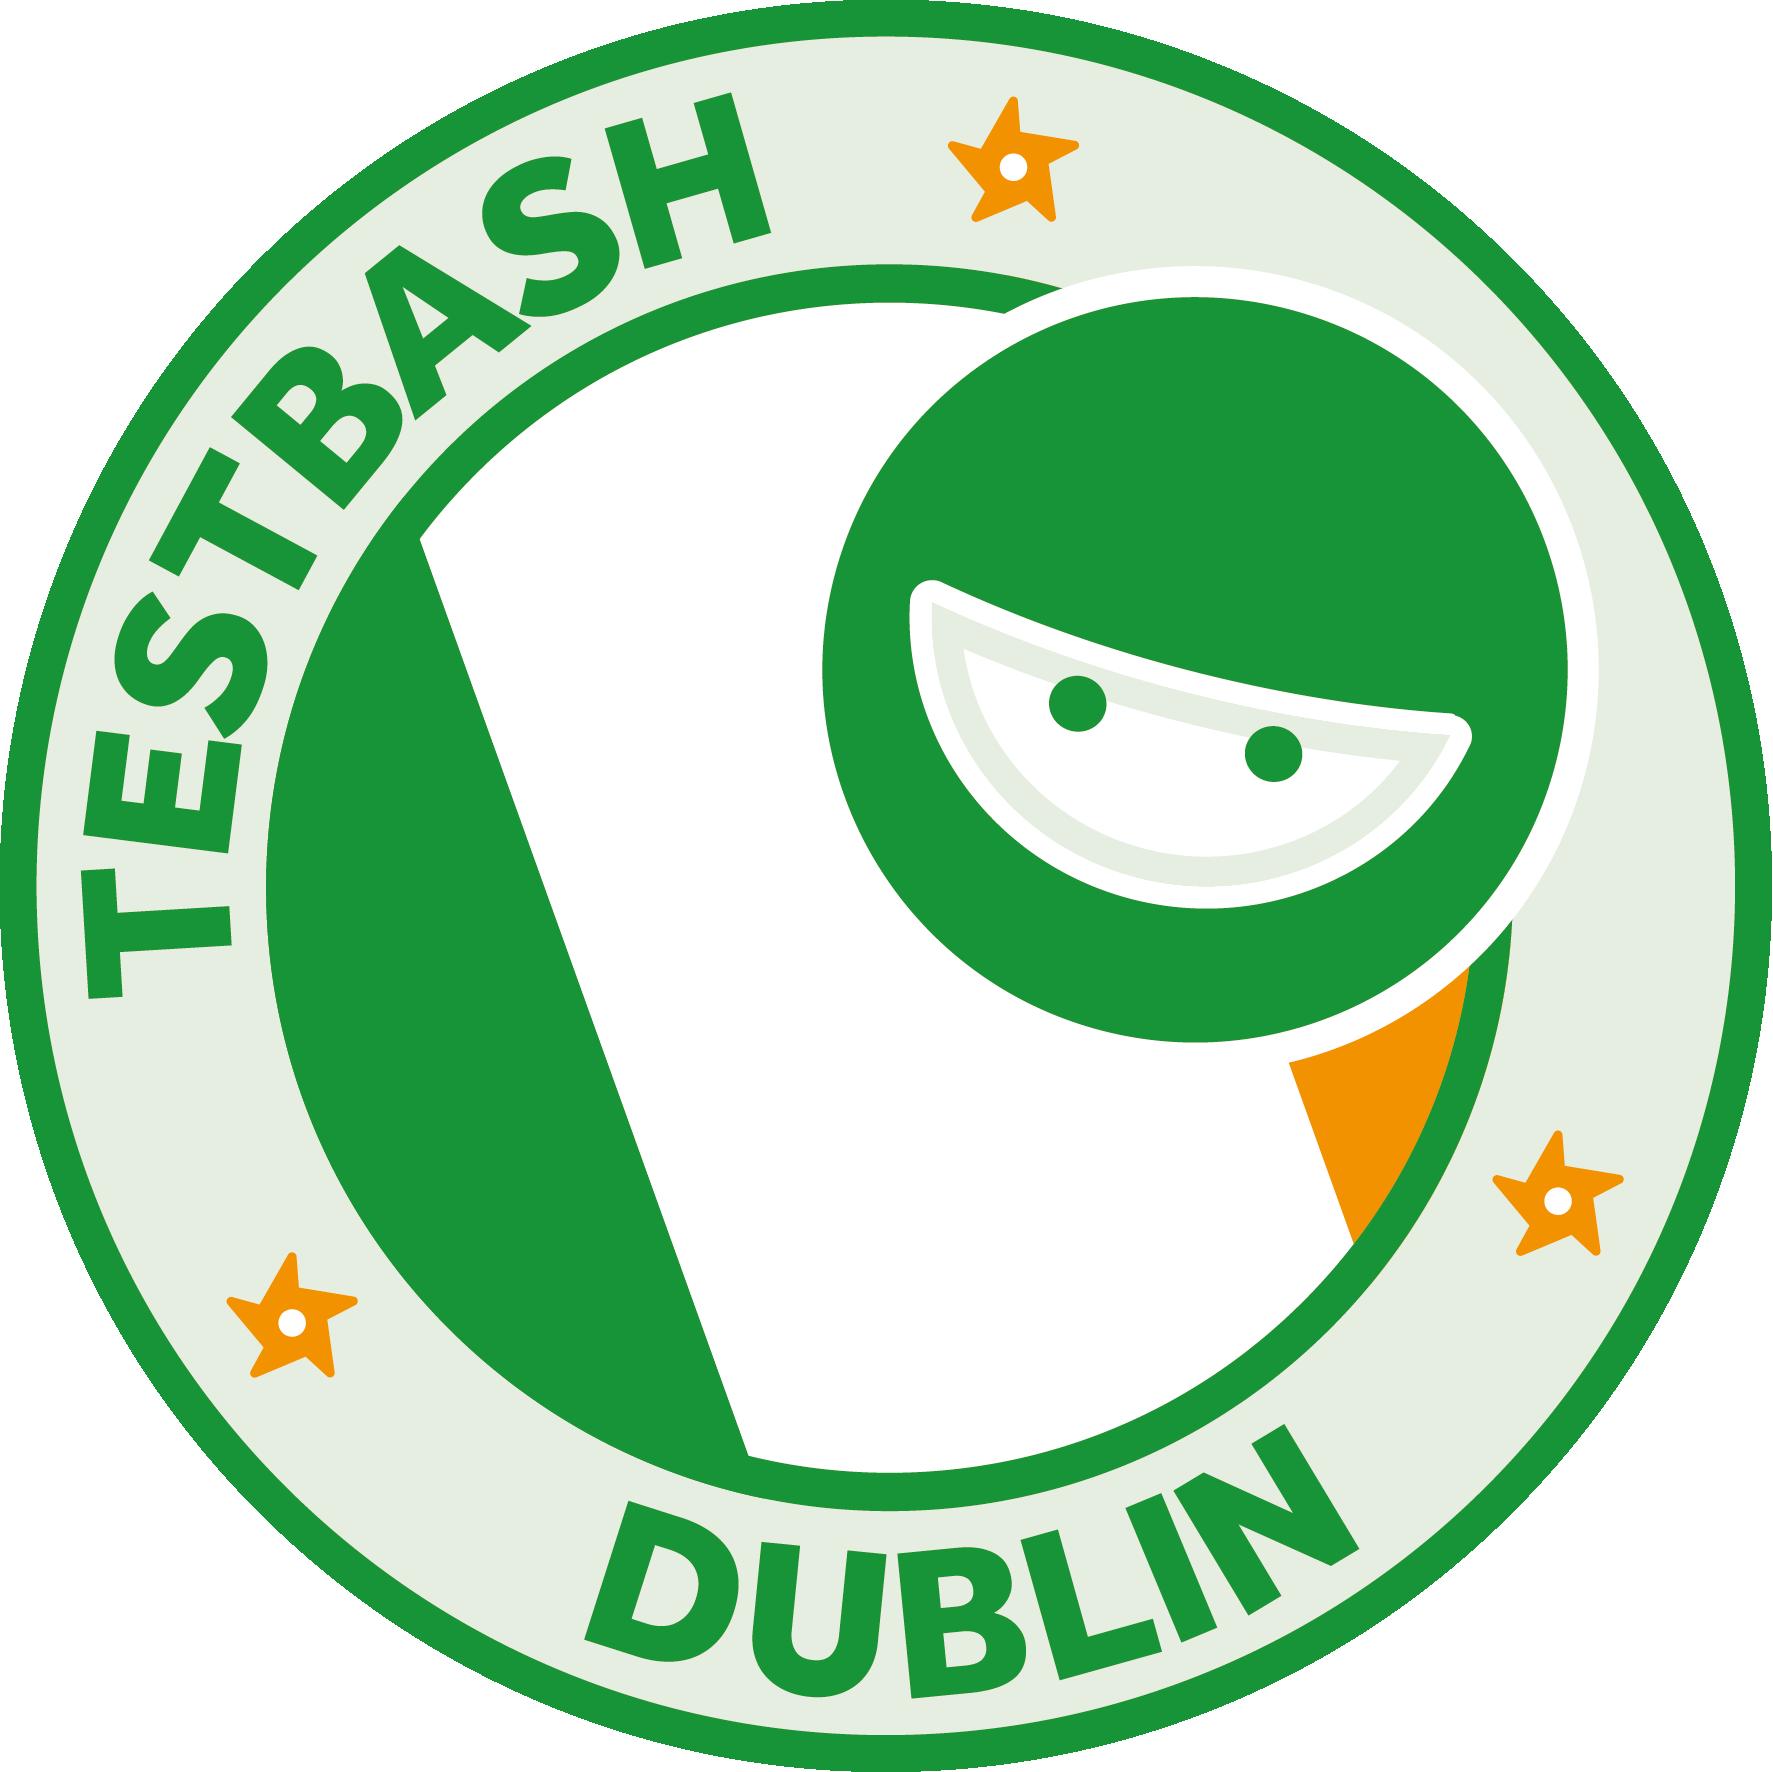 TestBash Dublin Logo